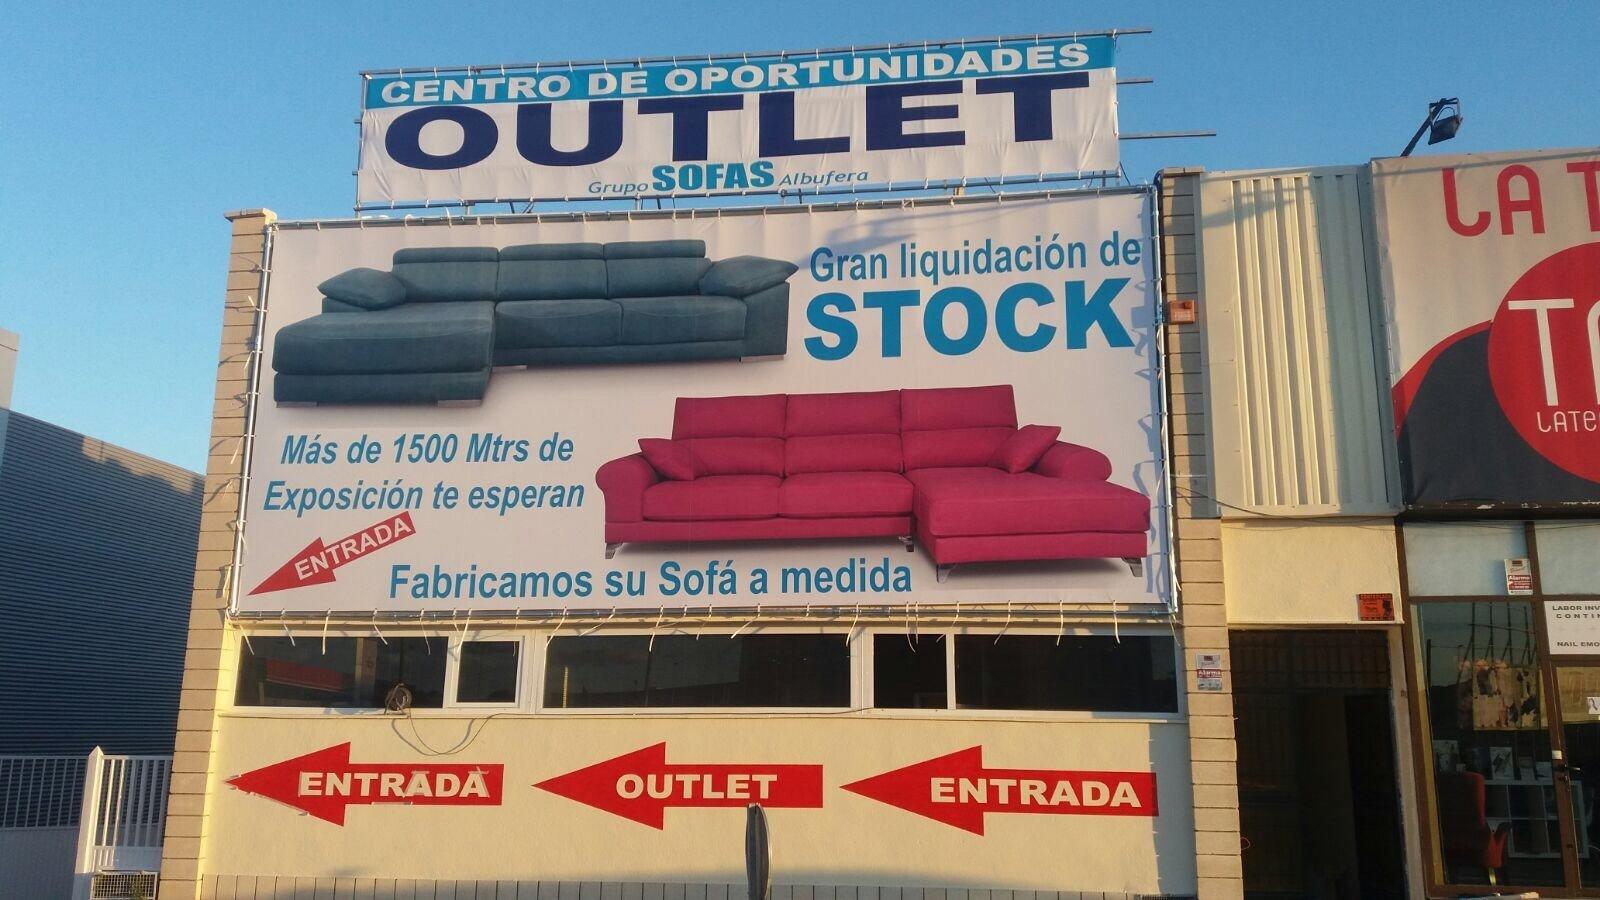 Sofas valencia alfafar elegant tresillos with sofas for Ofertas de tresillos